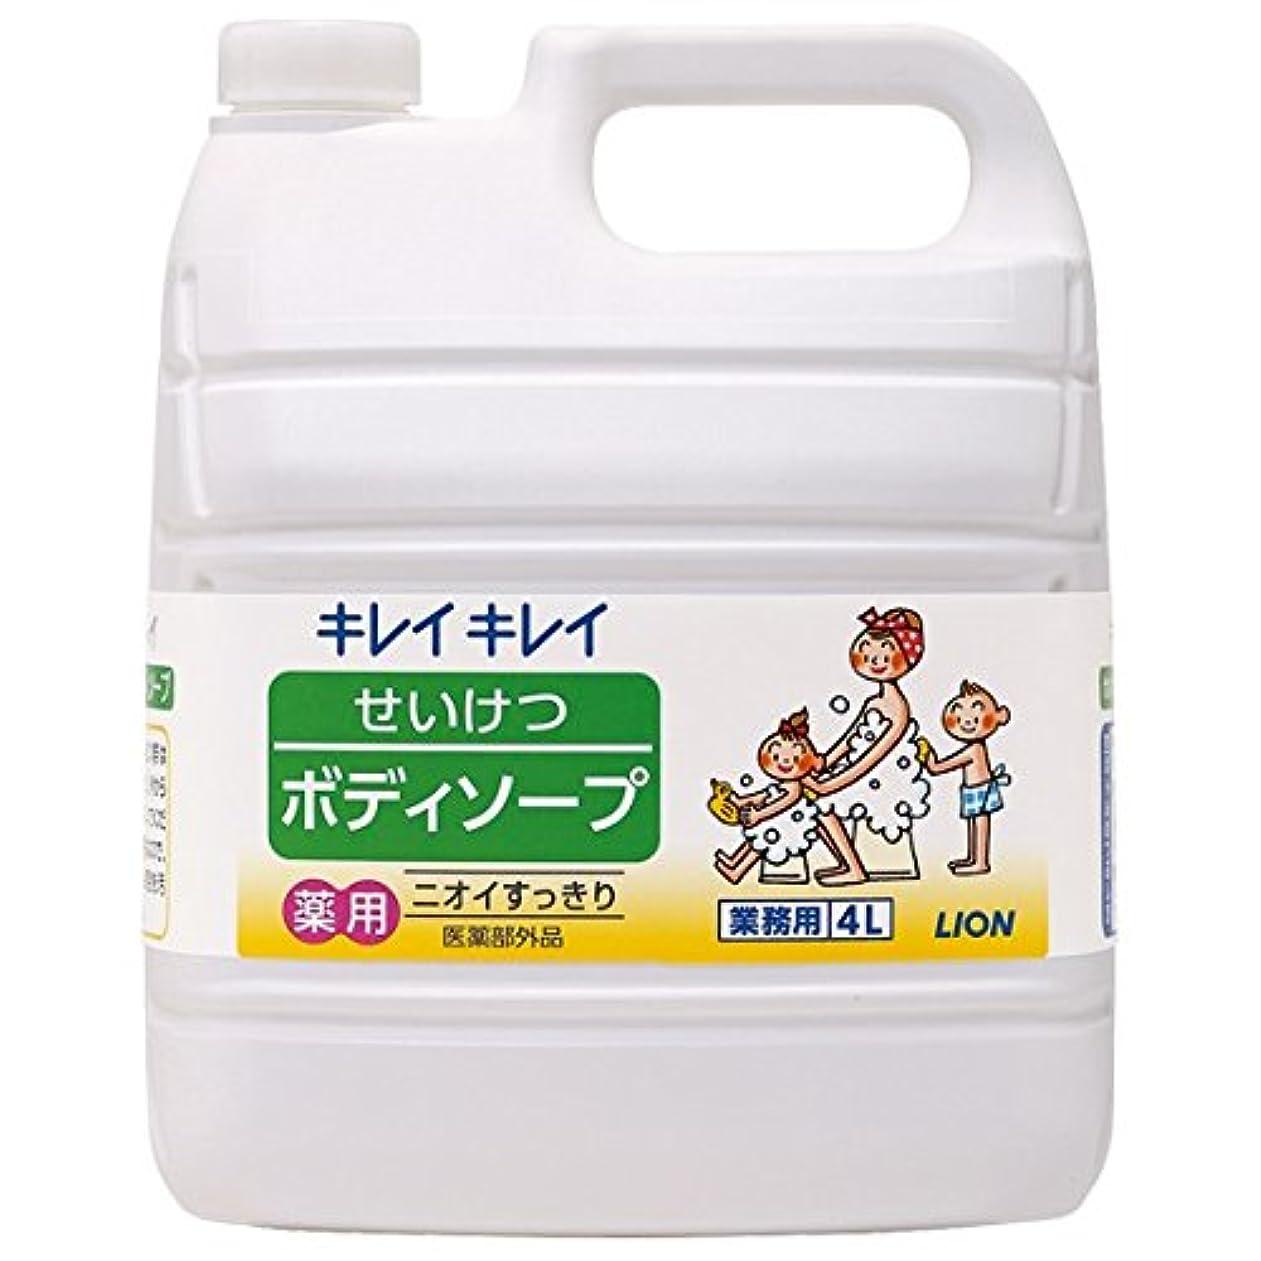 ダウンタウンバック横たわるライオン キレイキレイ せいけつボディソープ さわやかなレモン&オレンジの香り 業務用 4L×3本